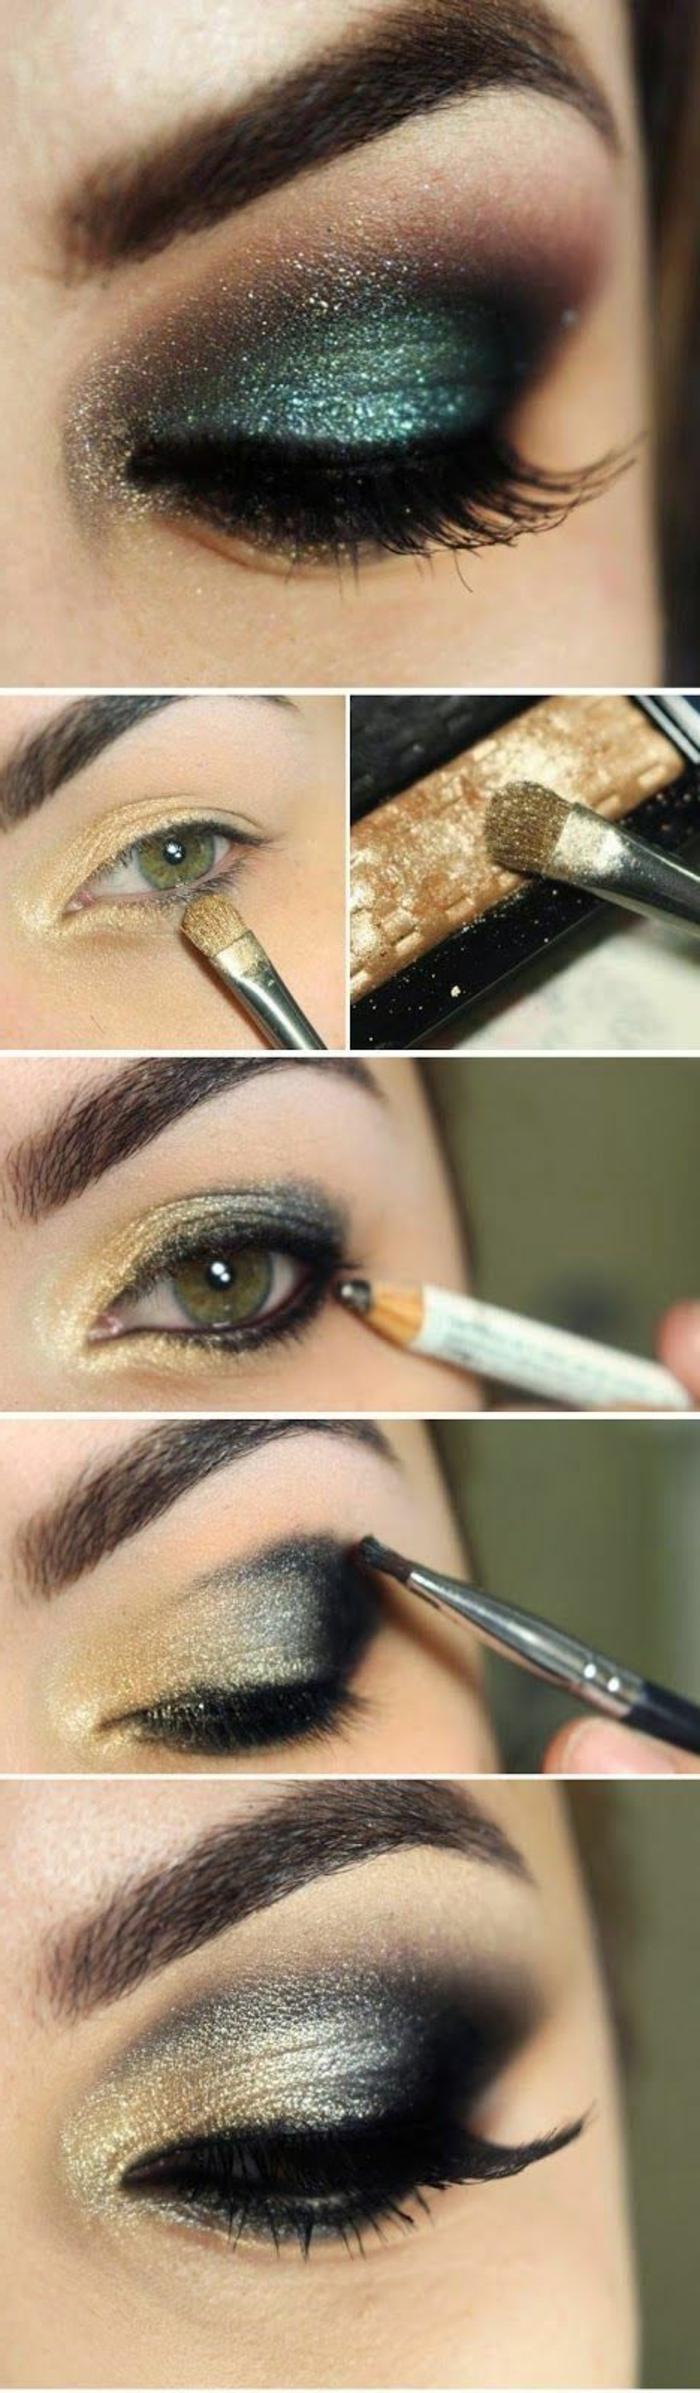 como-pintarse-los-ojos-verdes-estilo-ahumado-en-gris-y-oro